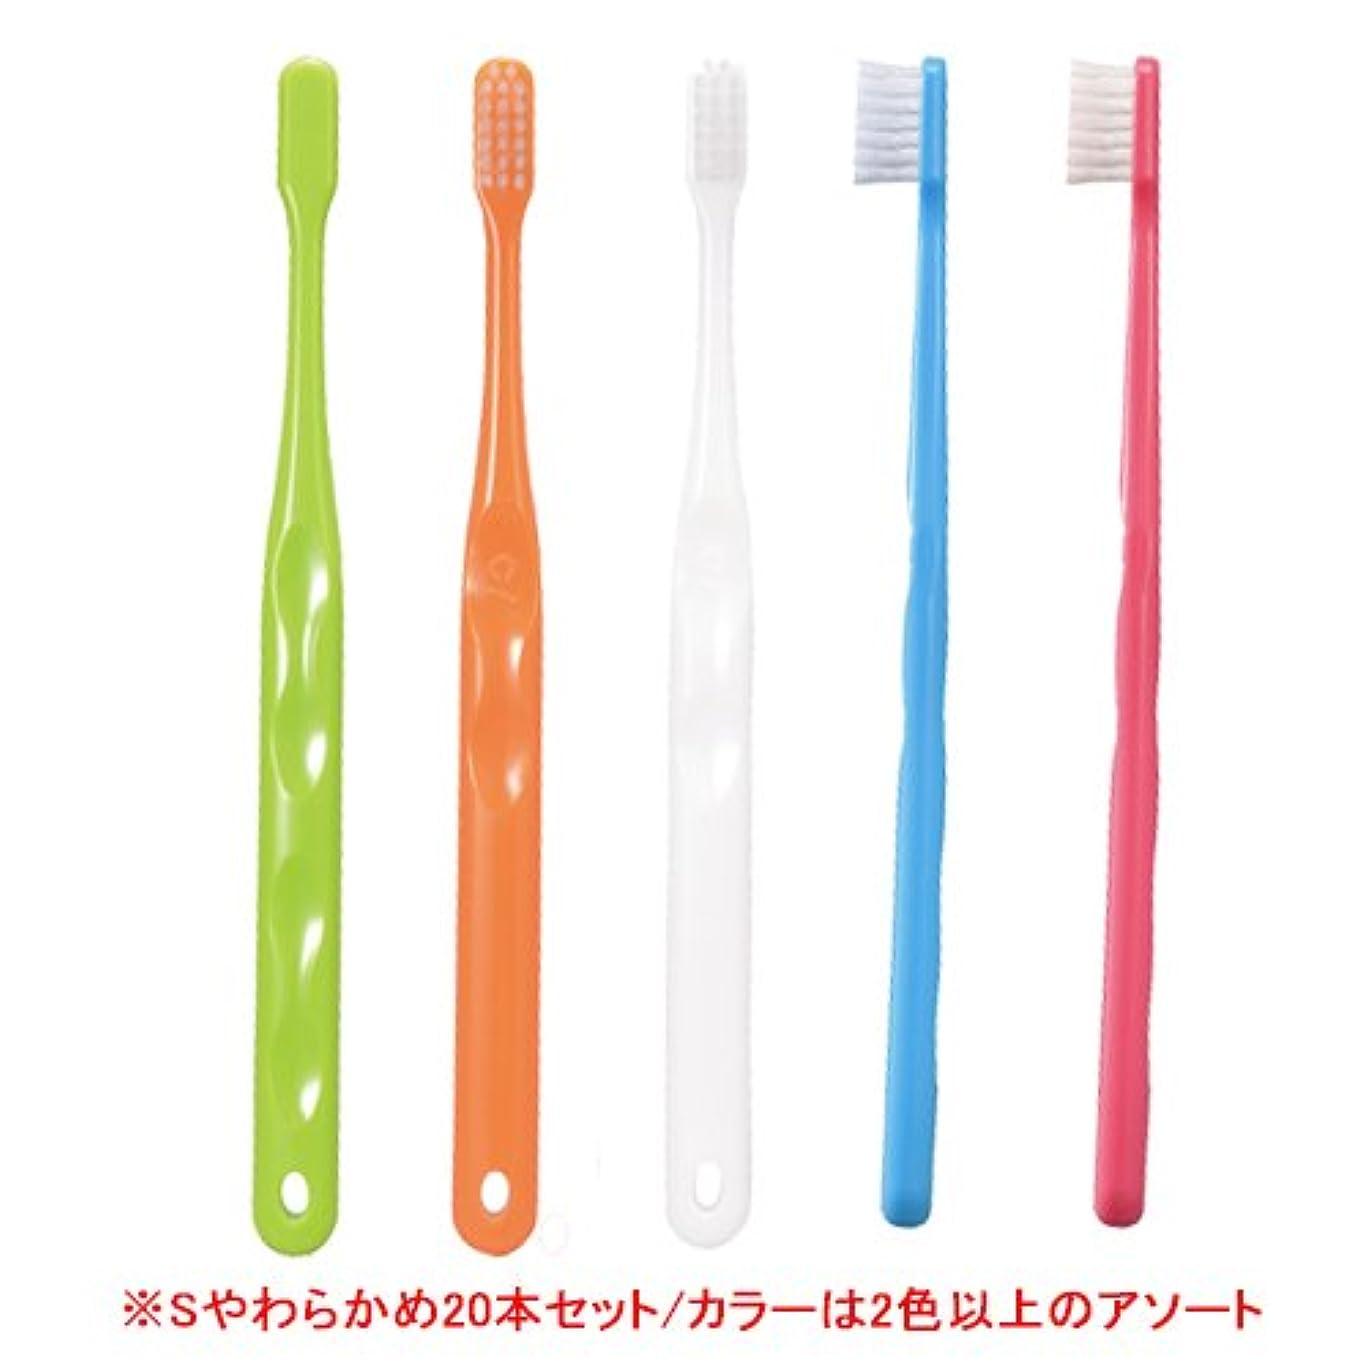 平らにする鎮痛剤水っぽいCiメディカル Ci700 超先細 ラウンド毛 歯ブラシ 20本 (Sやわらかめ)